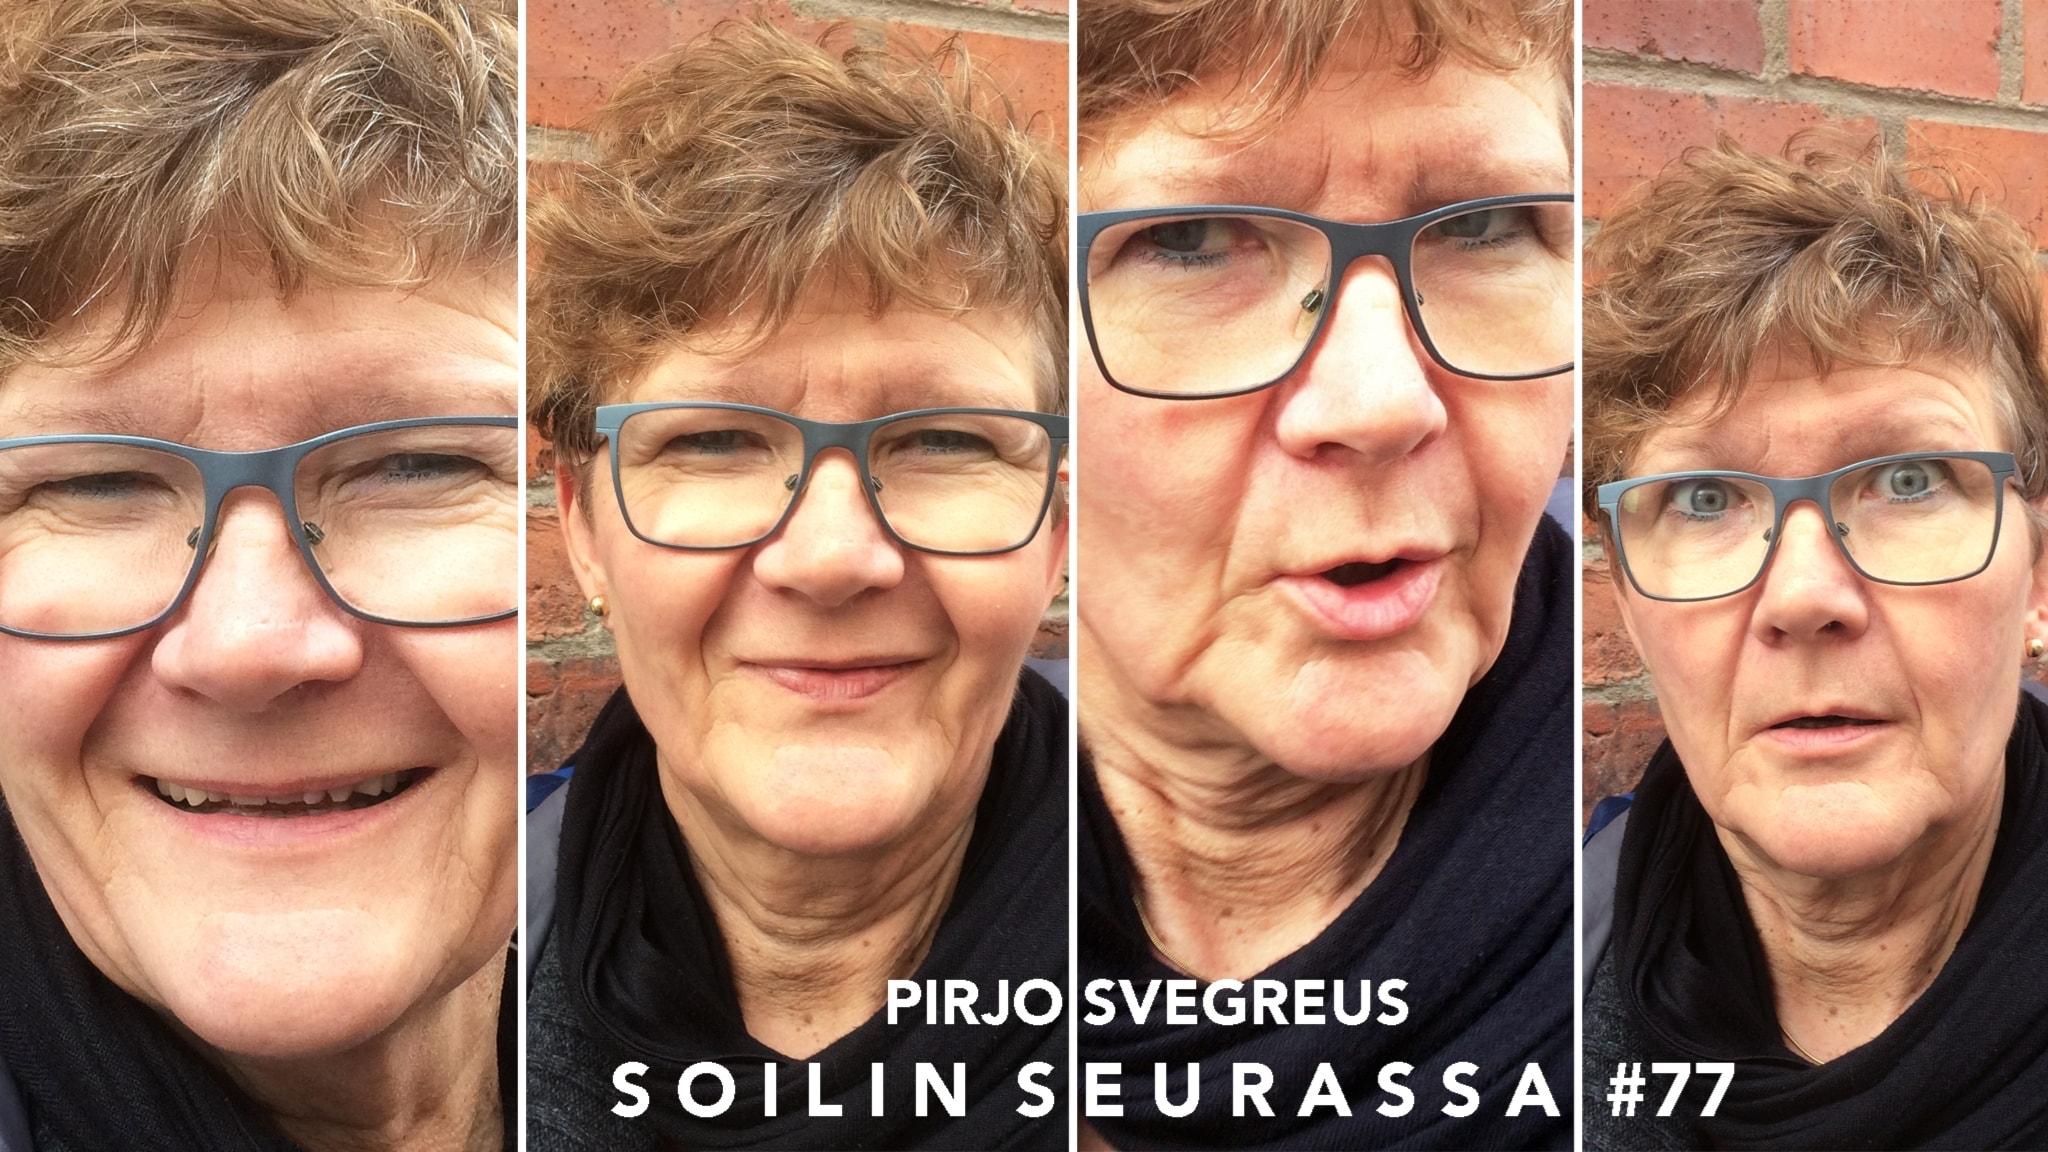 Poliisi Pirjo Svegreus: Vaaratilanteita on ollut ja sairaalassakin on käyty, muttei sitä auta jäädä suremaan